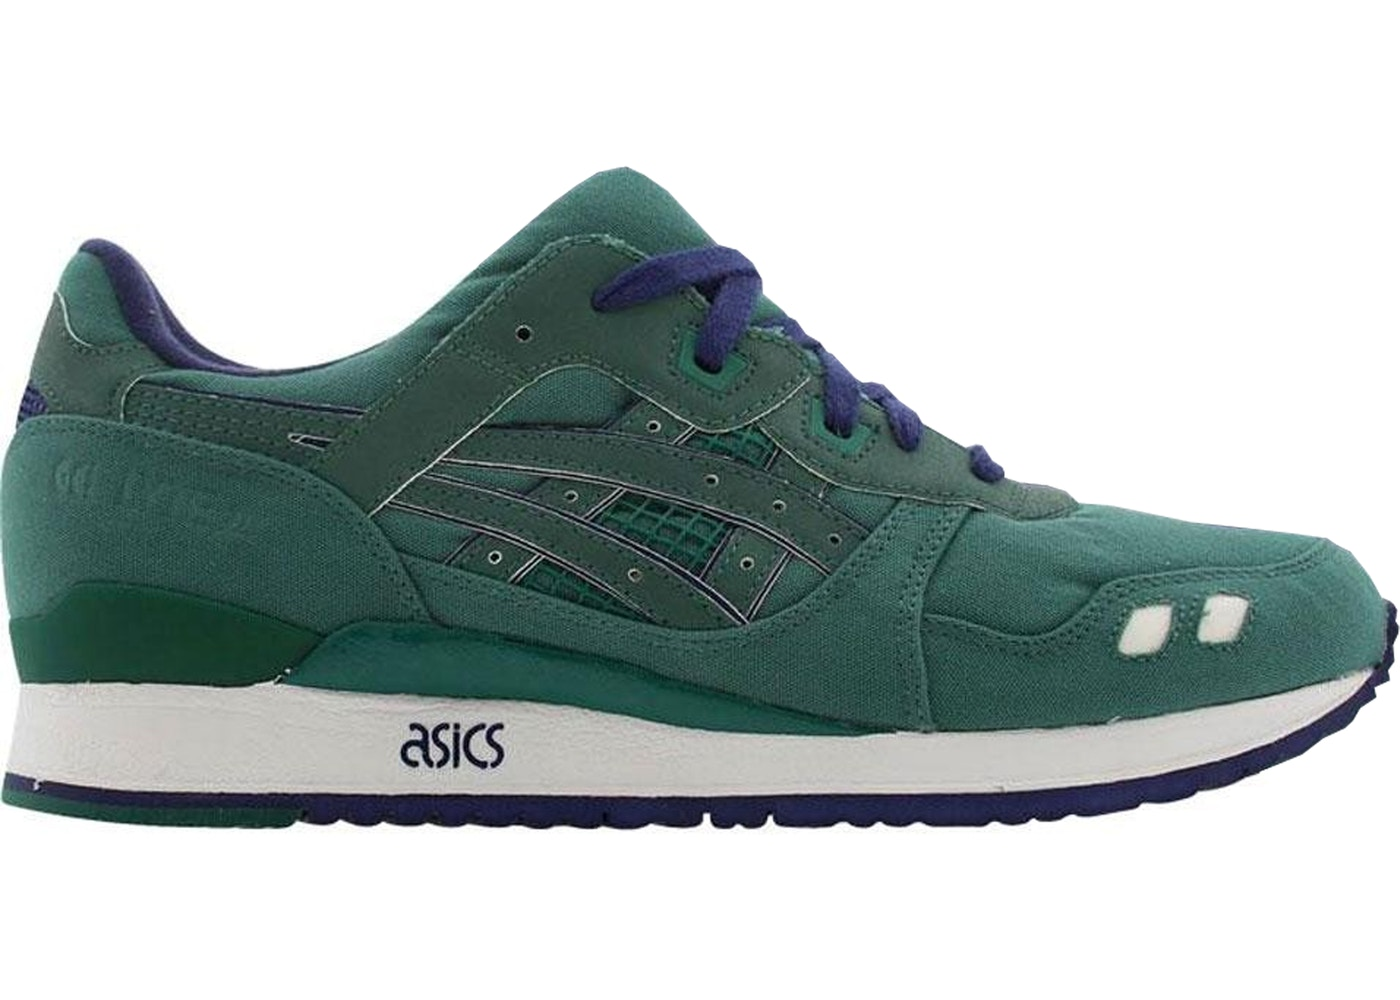 echte schoenen koop goed winkel Asics Gel-Lyte III Bait Green Ring